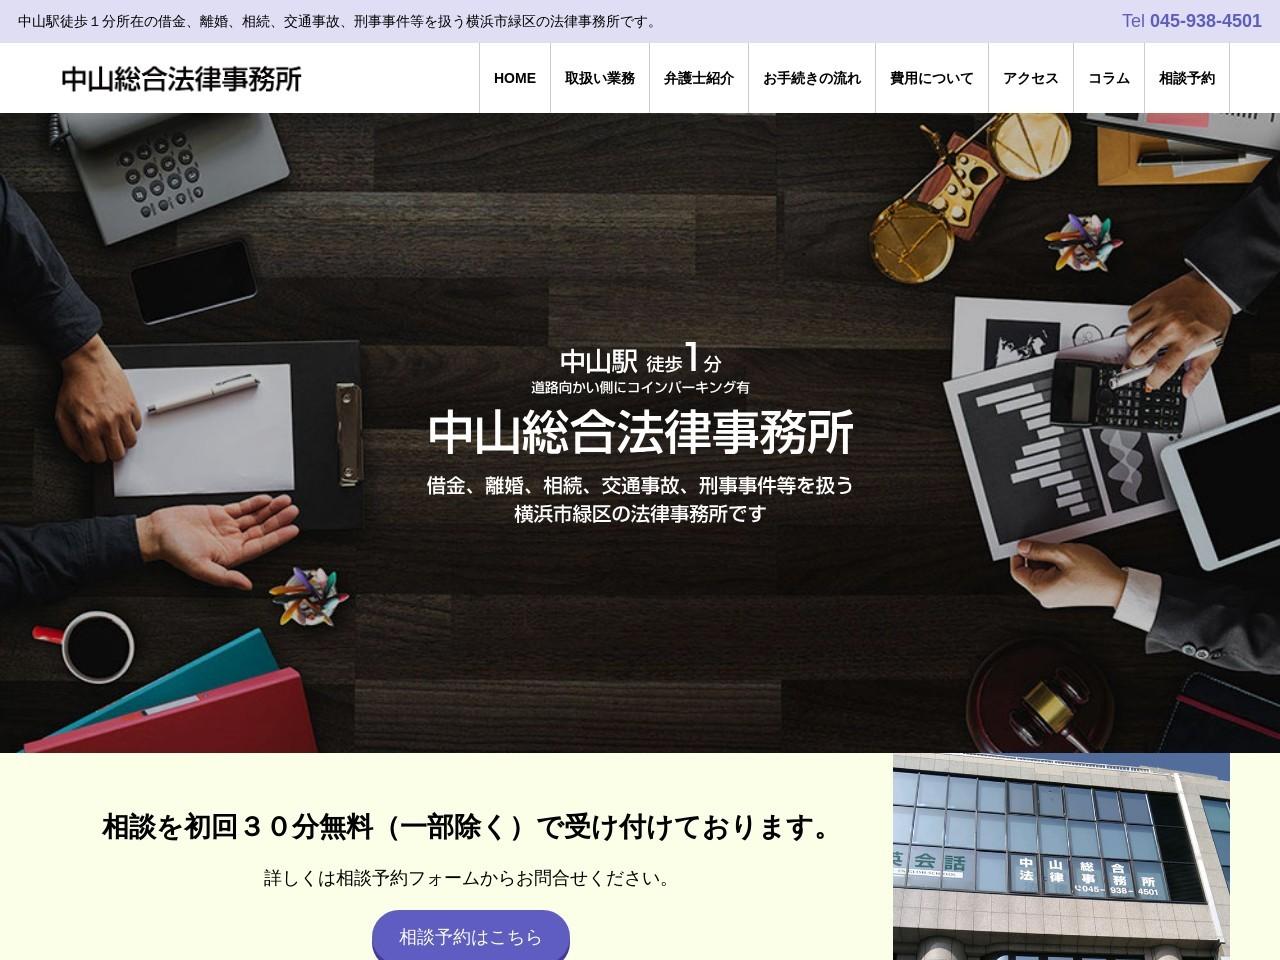 中山総合法律事務所